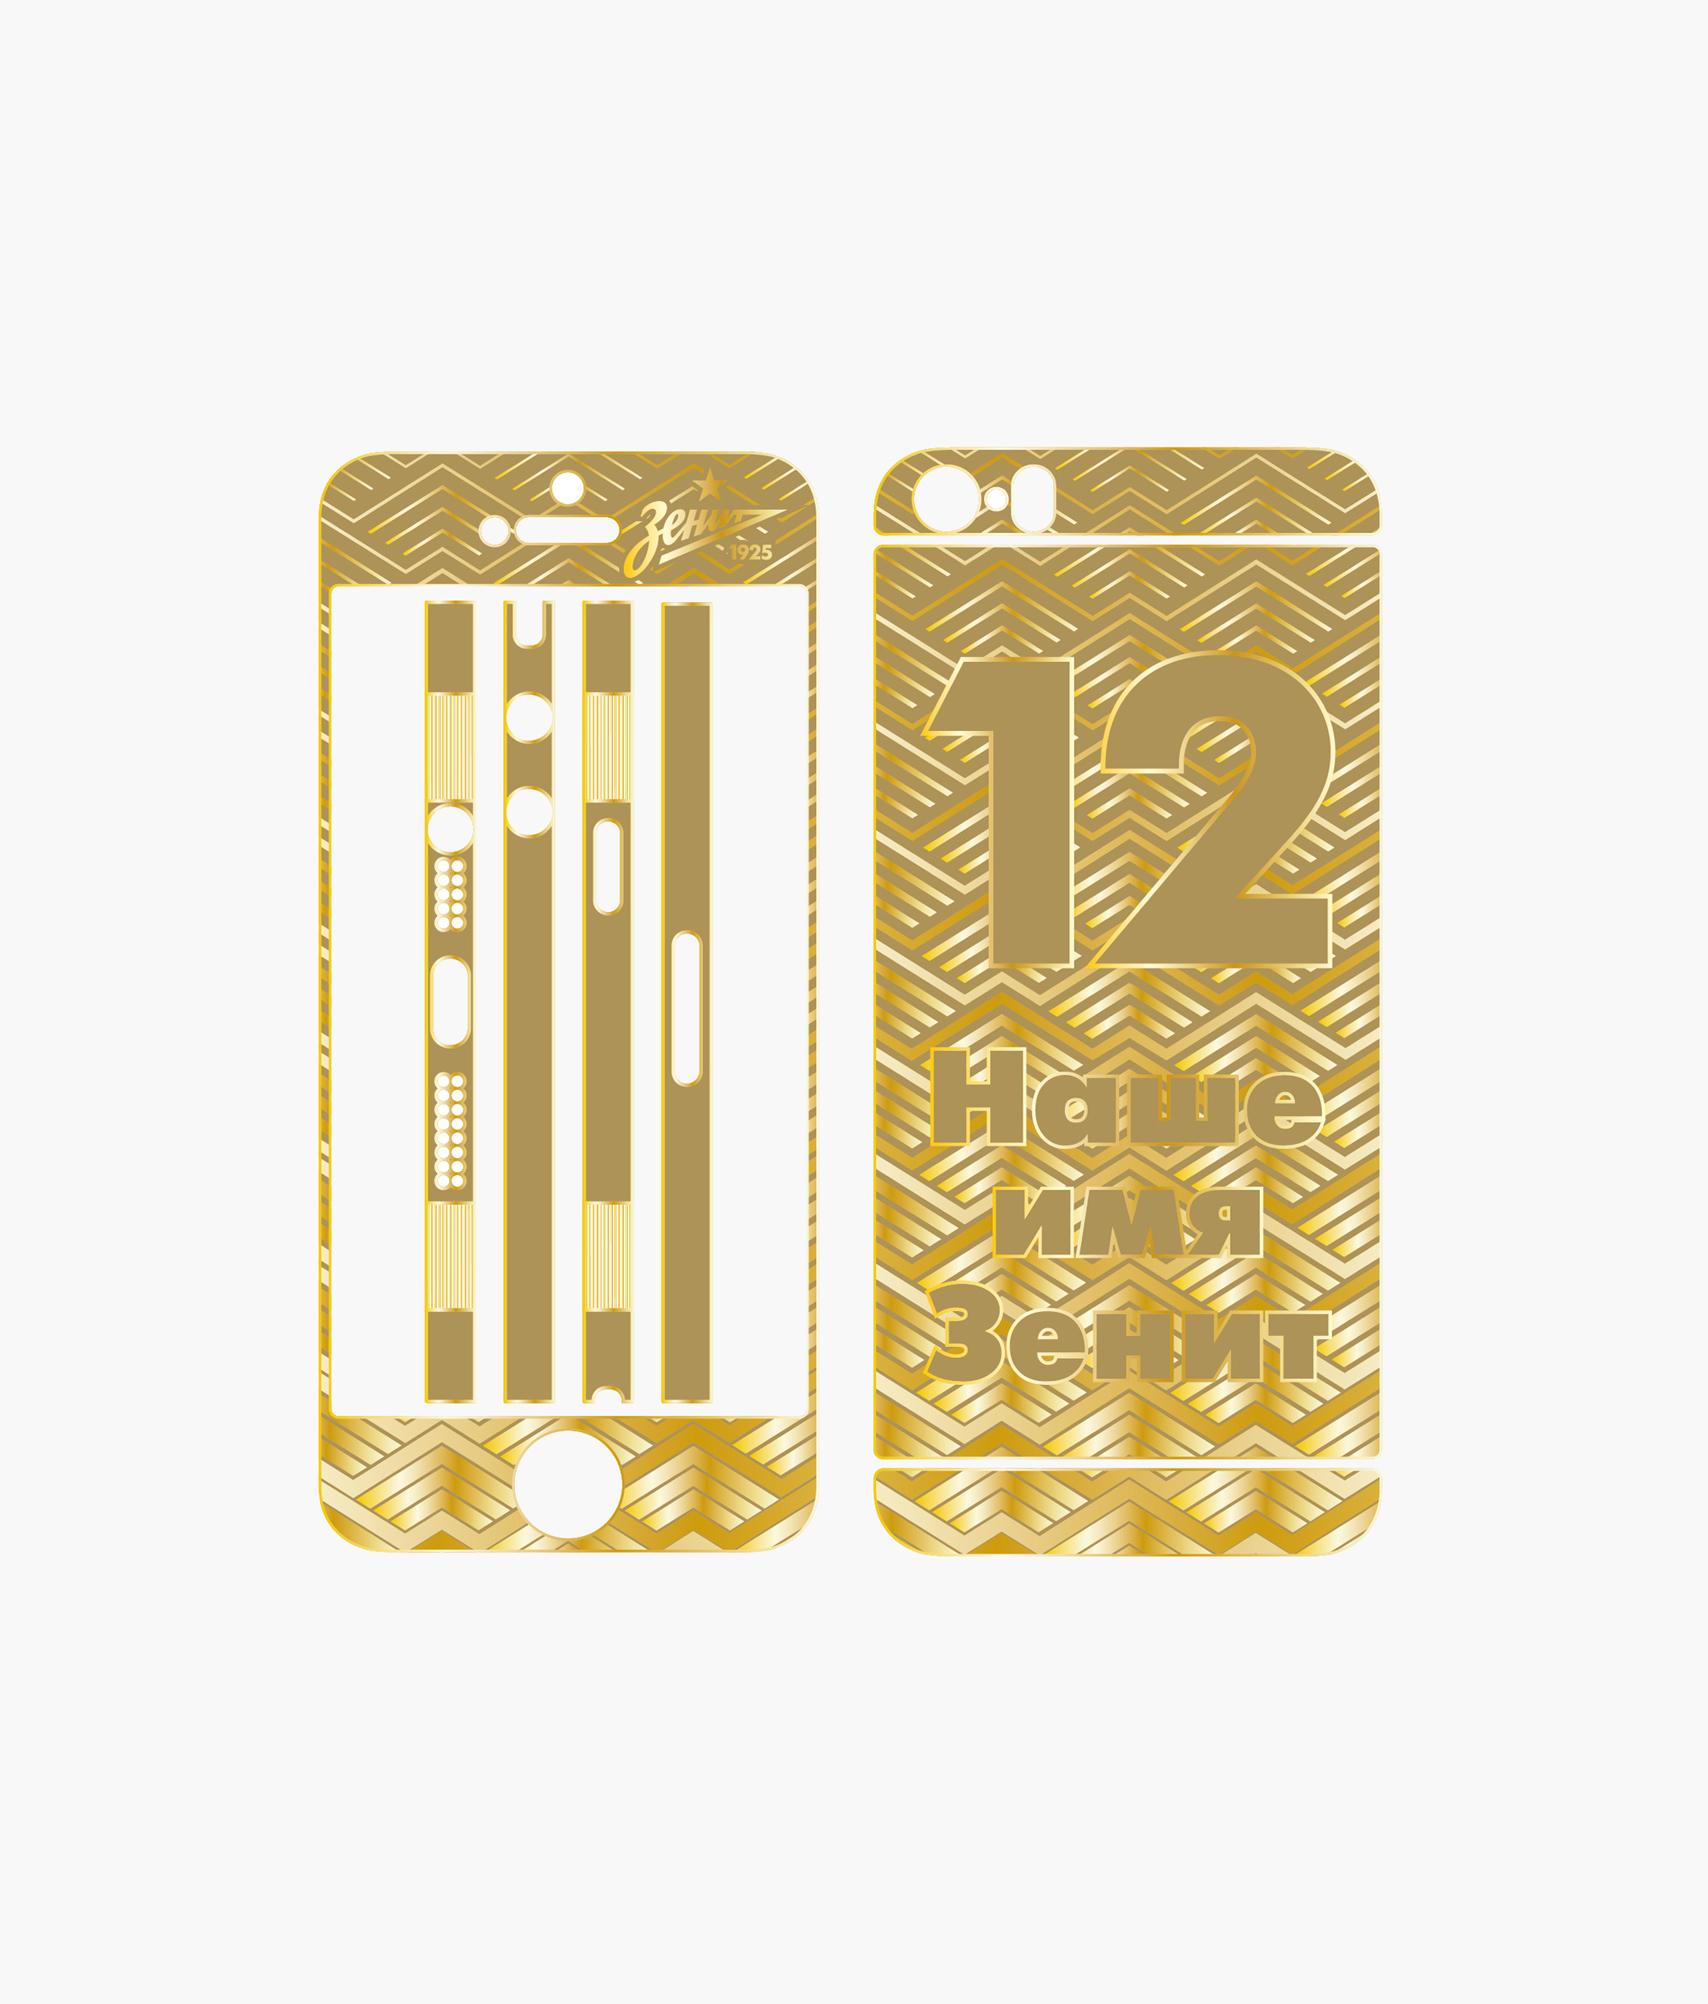 Фото - Золотая наклейка на Iphone 5S «Наше имя Зенит» Зенит наклейка